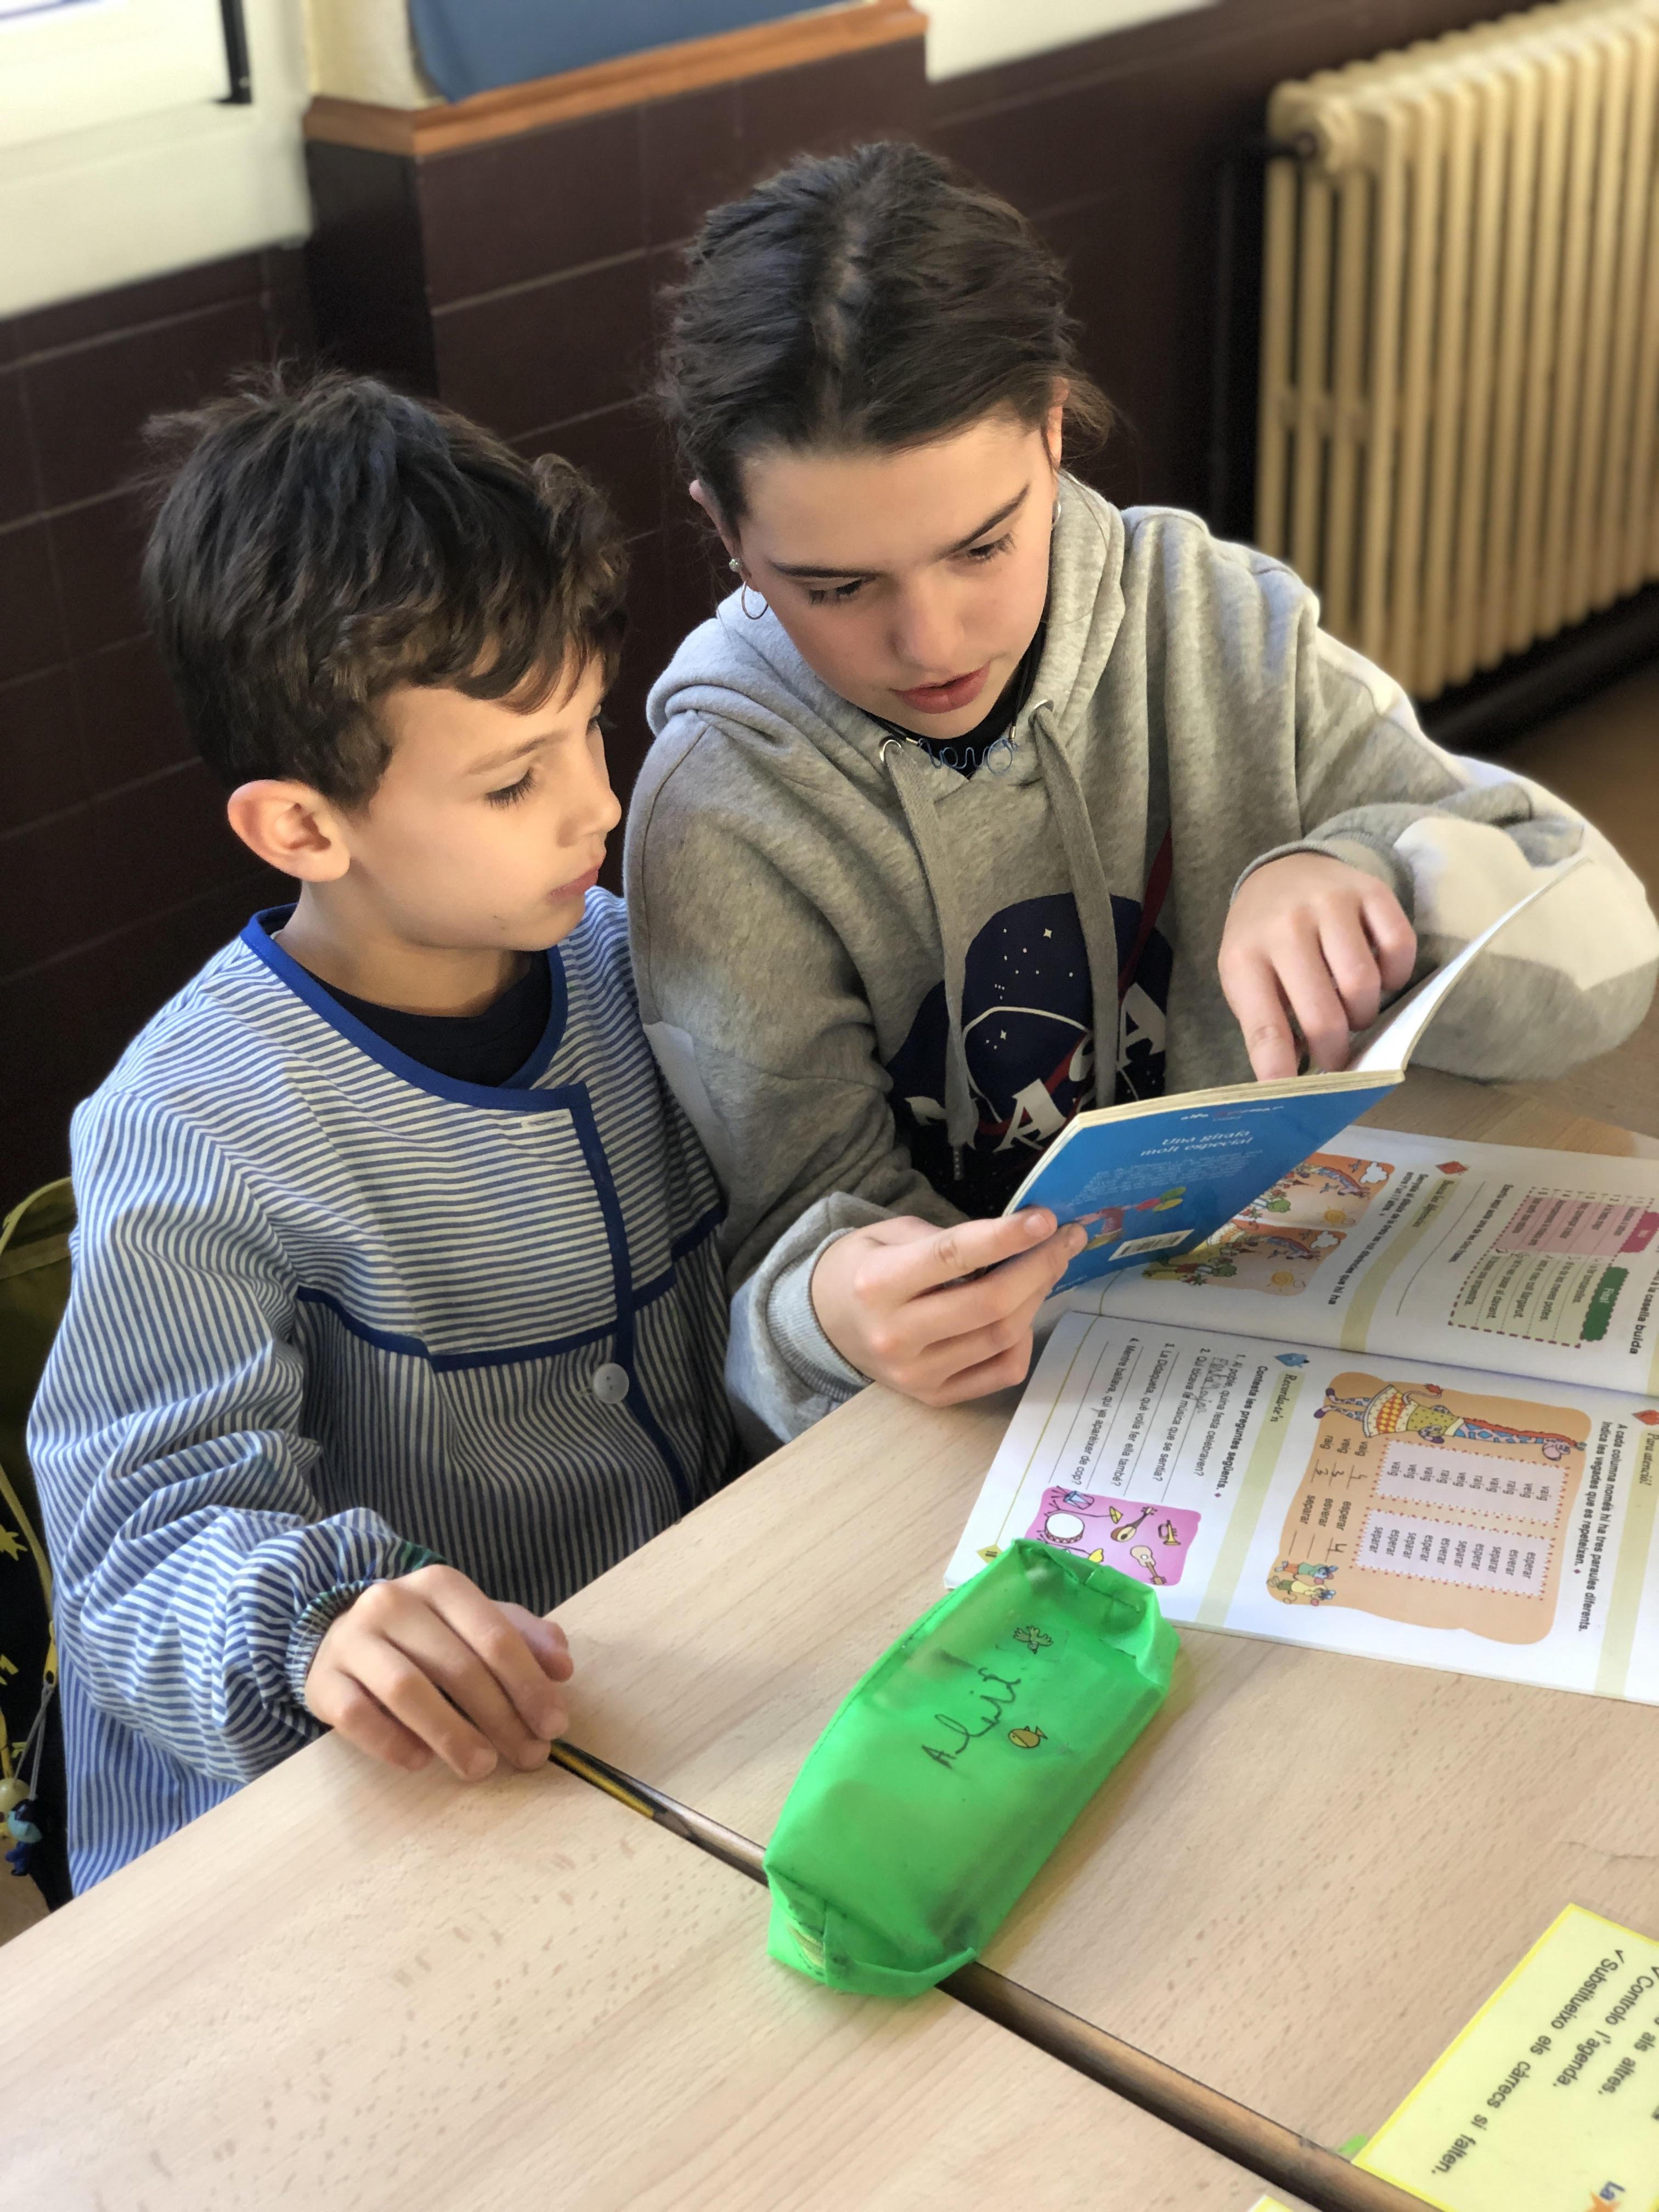 Nens llegint a educació infantil